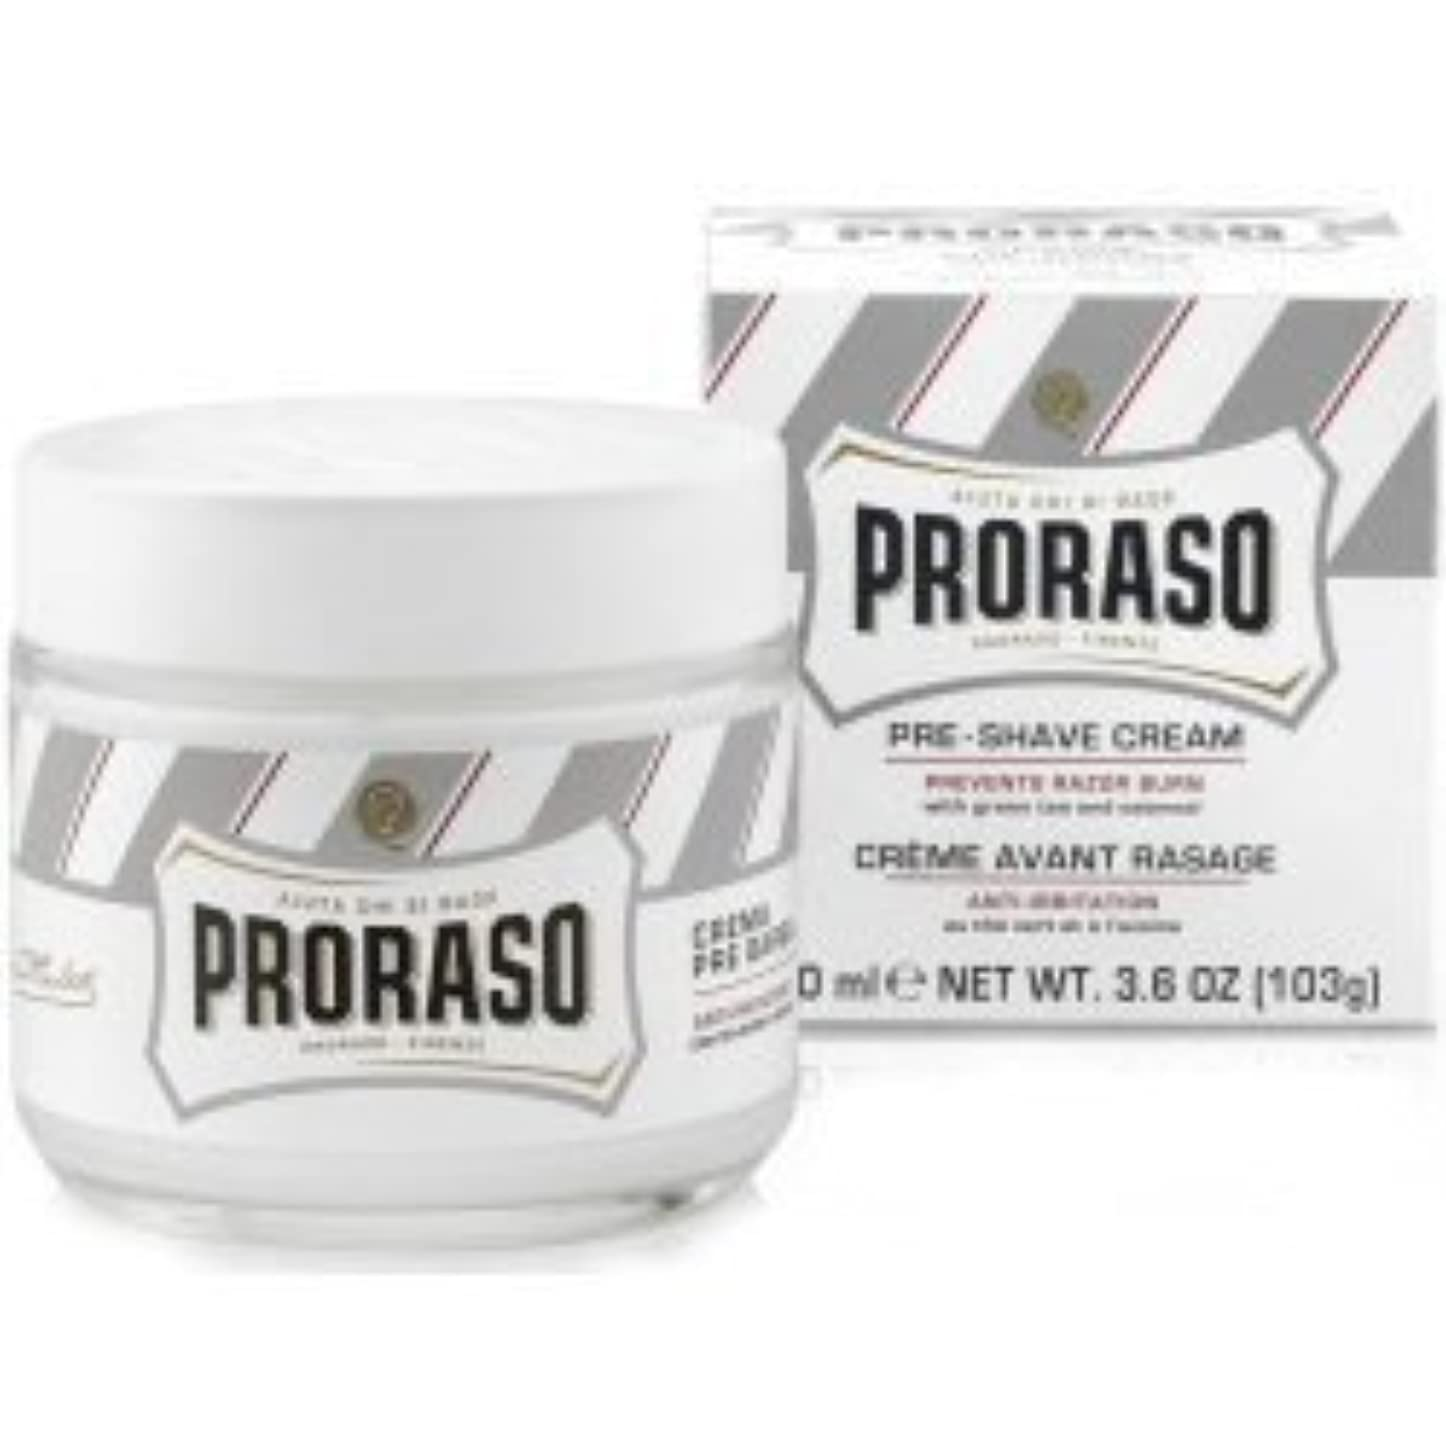 突き出すハチクラスProraso Pre & Post Shave Cream Sensitive Skin 100ml by Proraso [並行輸入品]